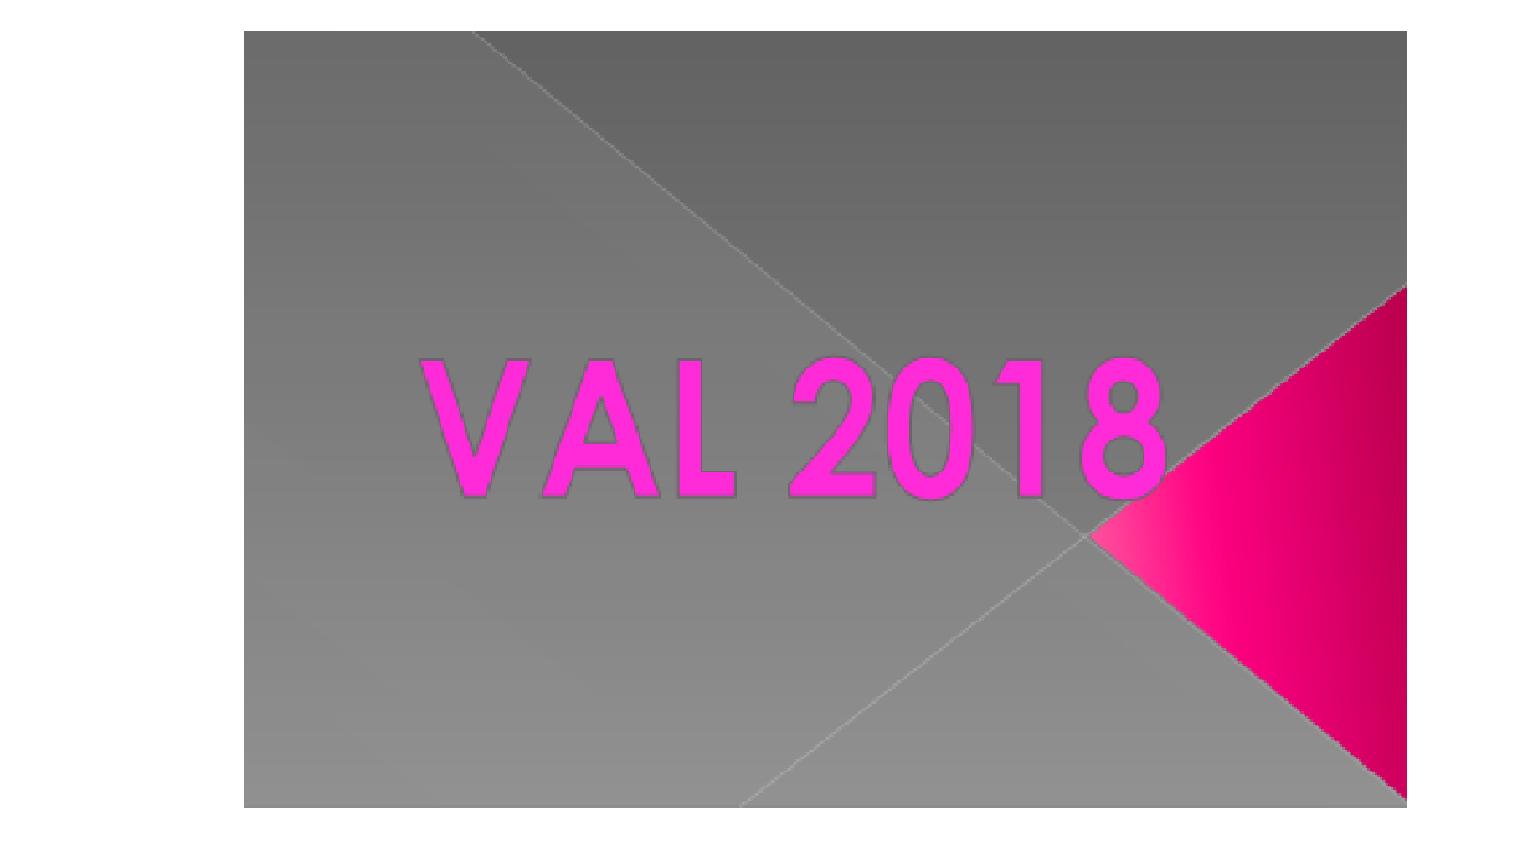 valet_2018_1